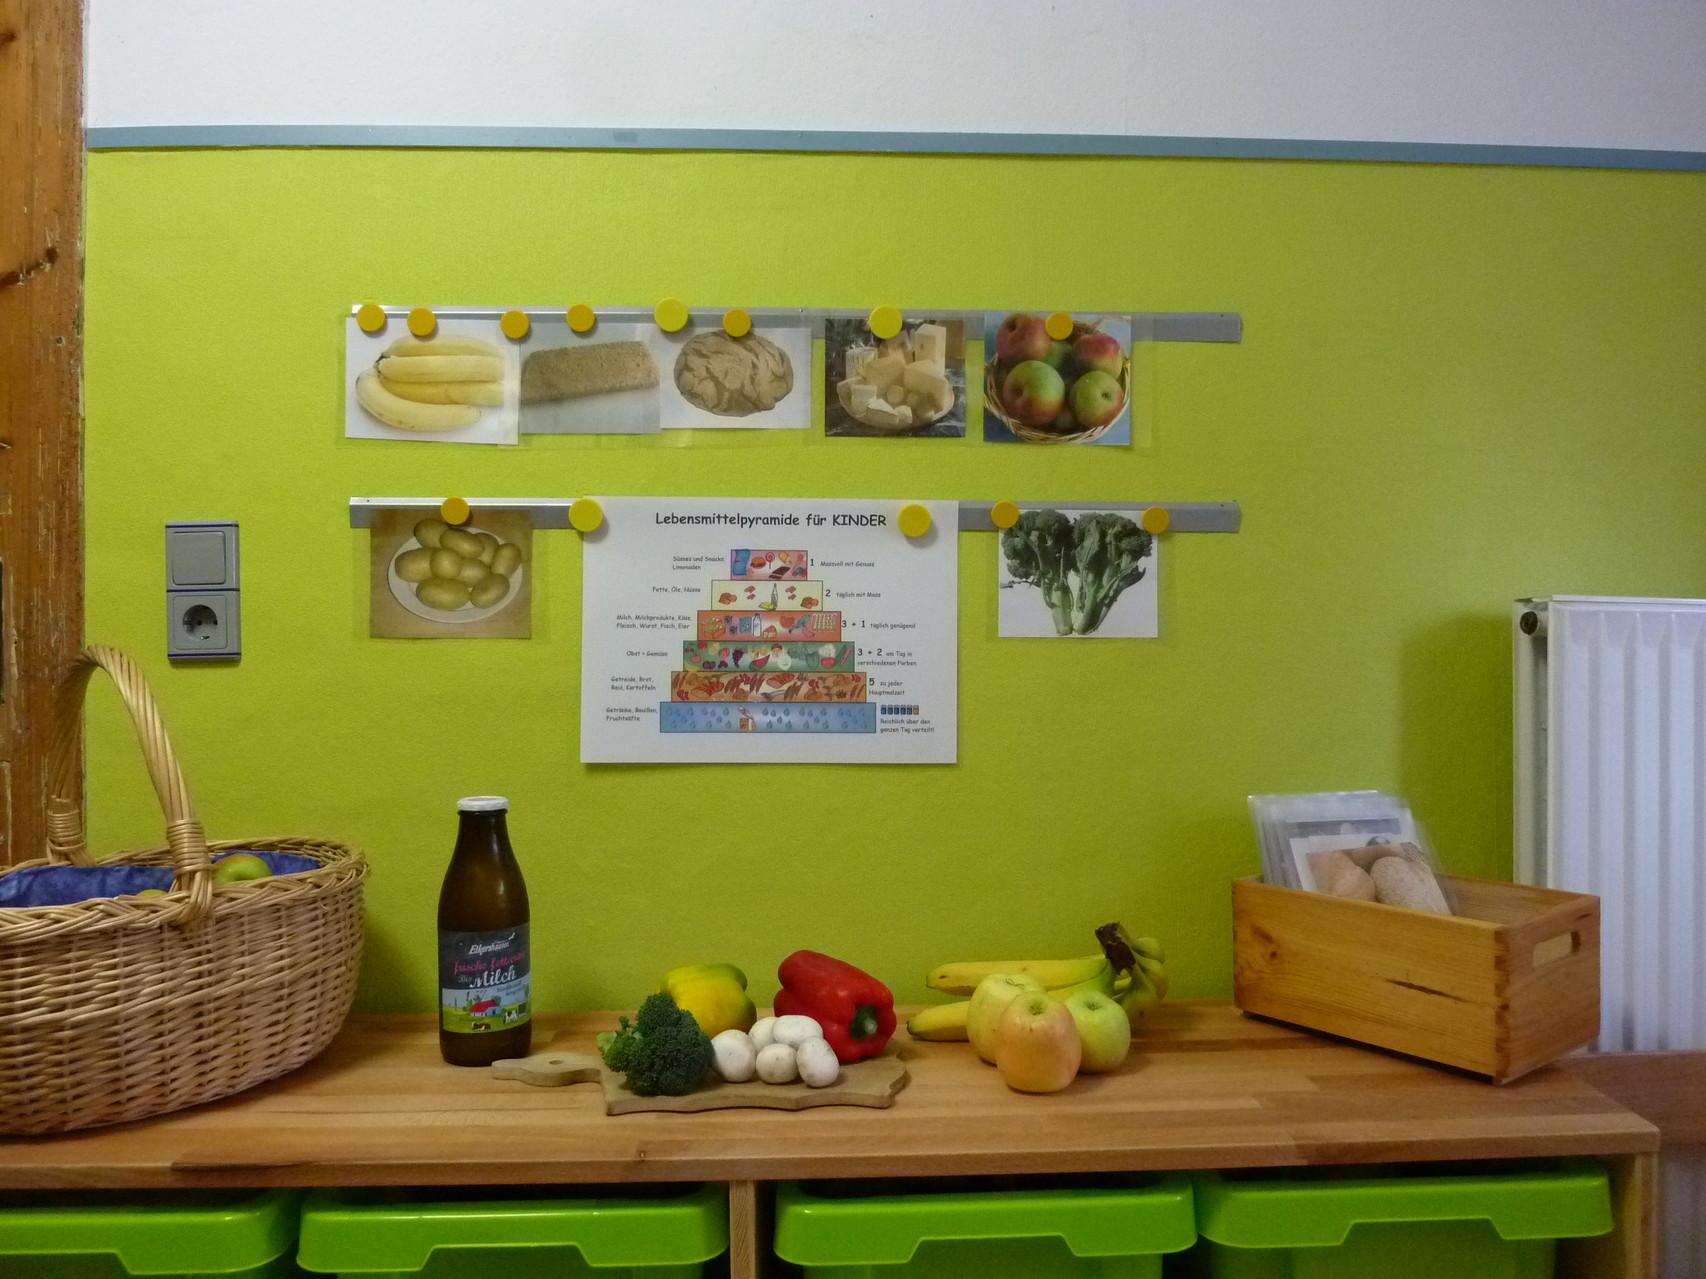 Der Küchen-Bereich